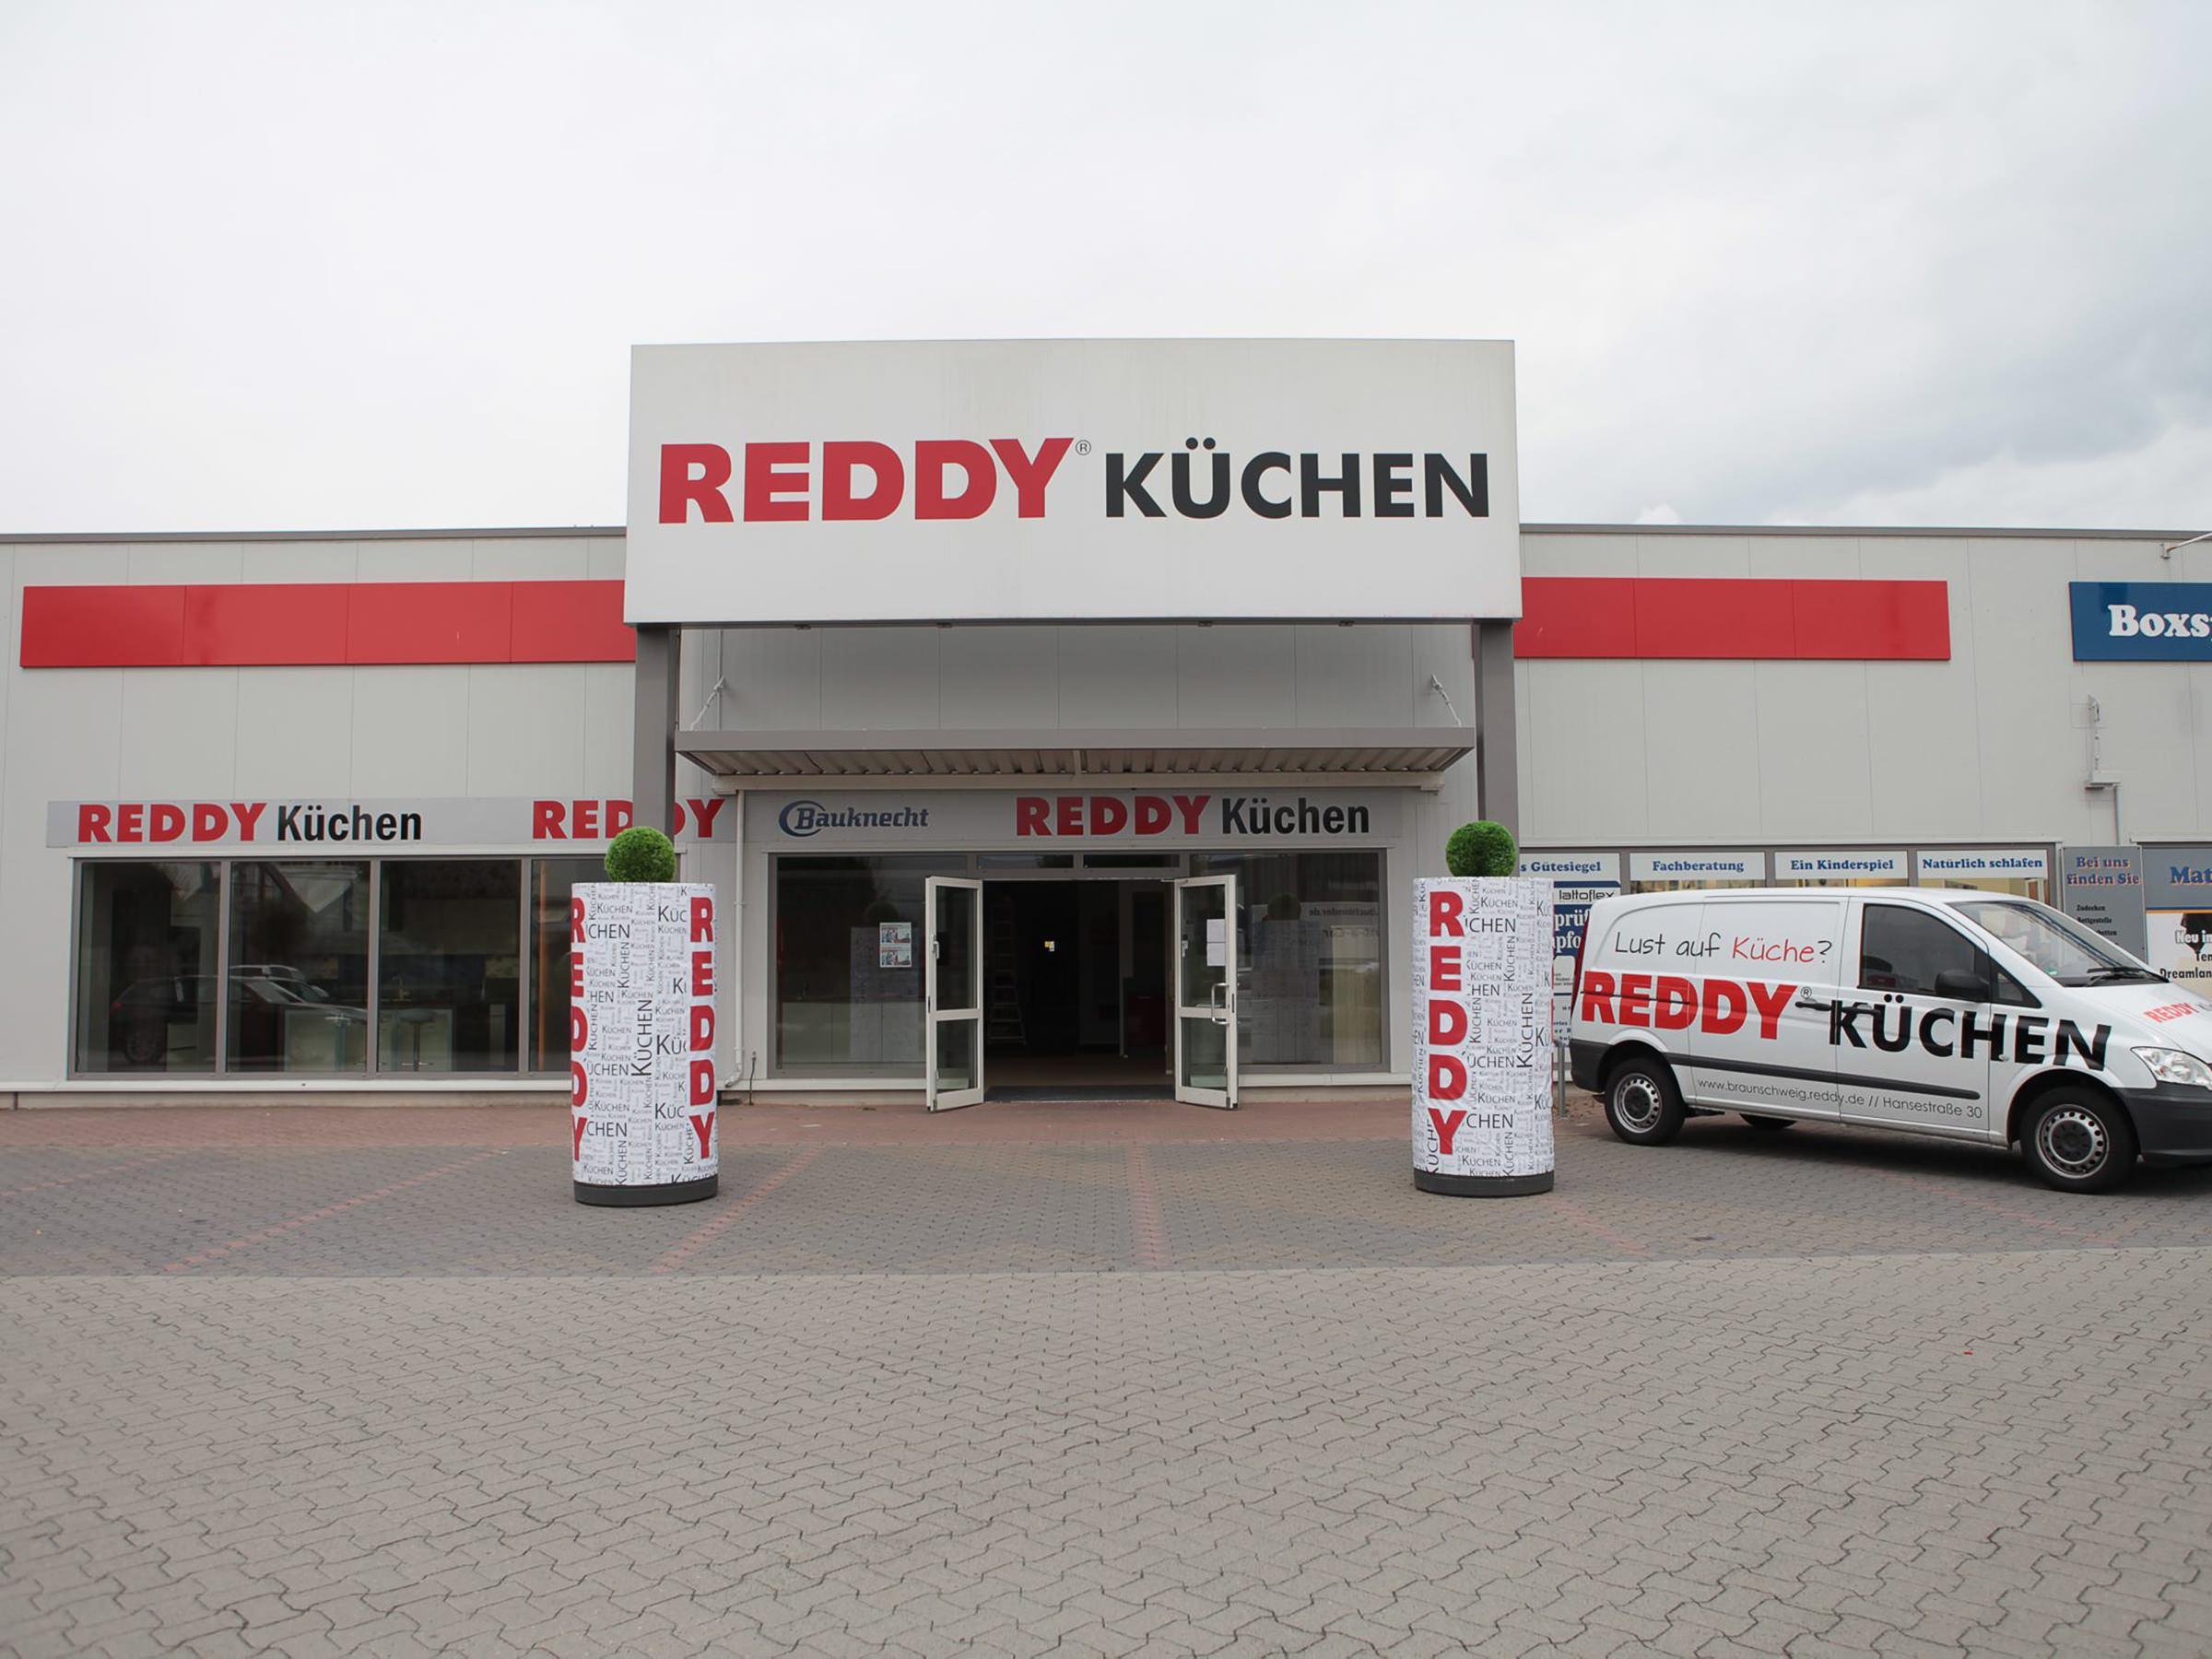 reddy k chen braunschweig in braunschweig branchenbuch deutschland. Black Bedroom Furniture Sets. Home Design Ideas